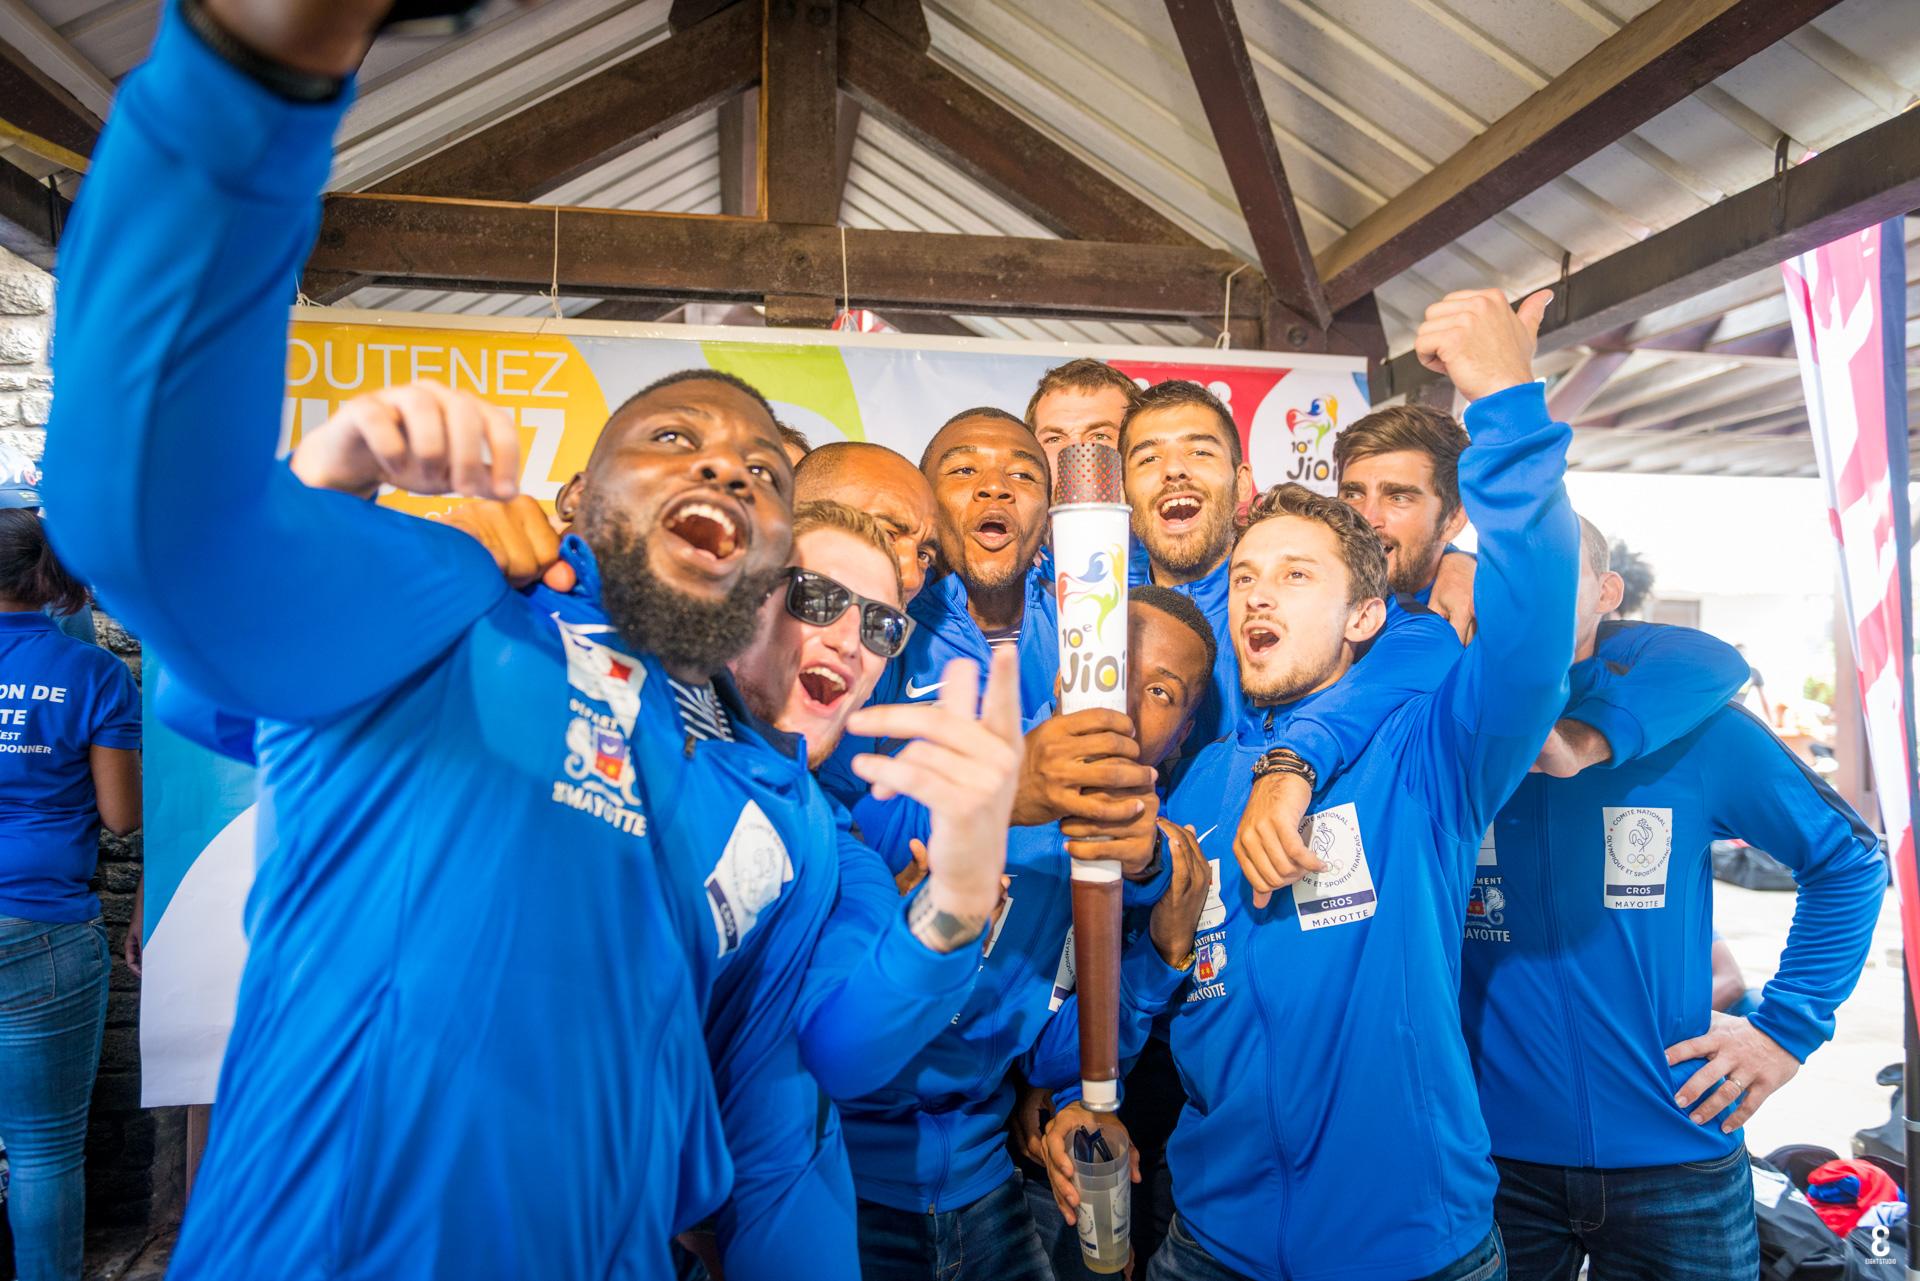 JIOI 2019 : 8 médailles pour Mayotte à l'aube de la septième journée